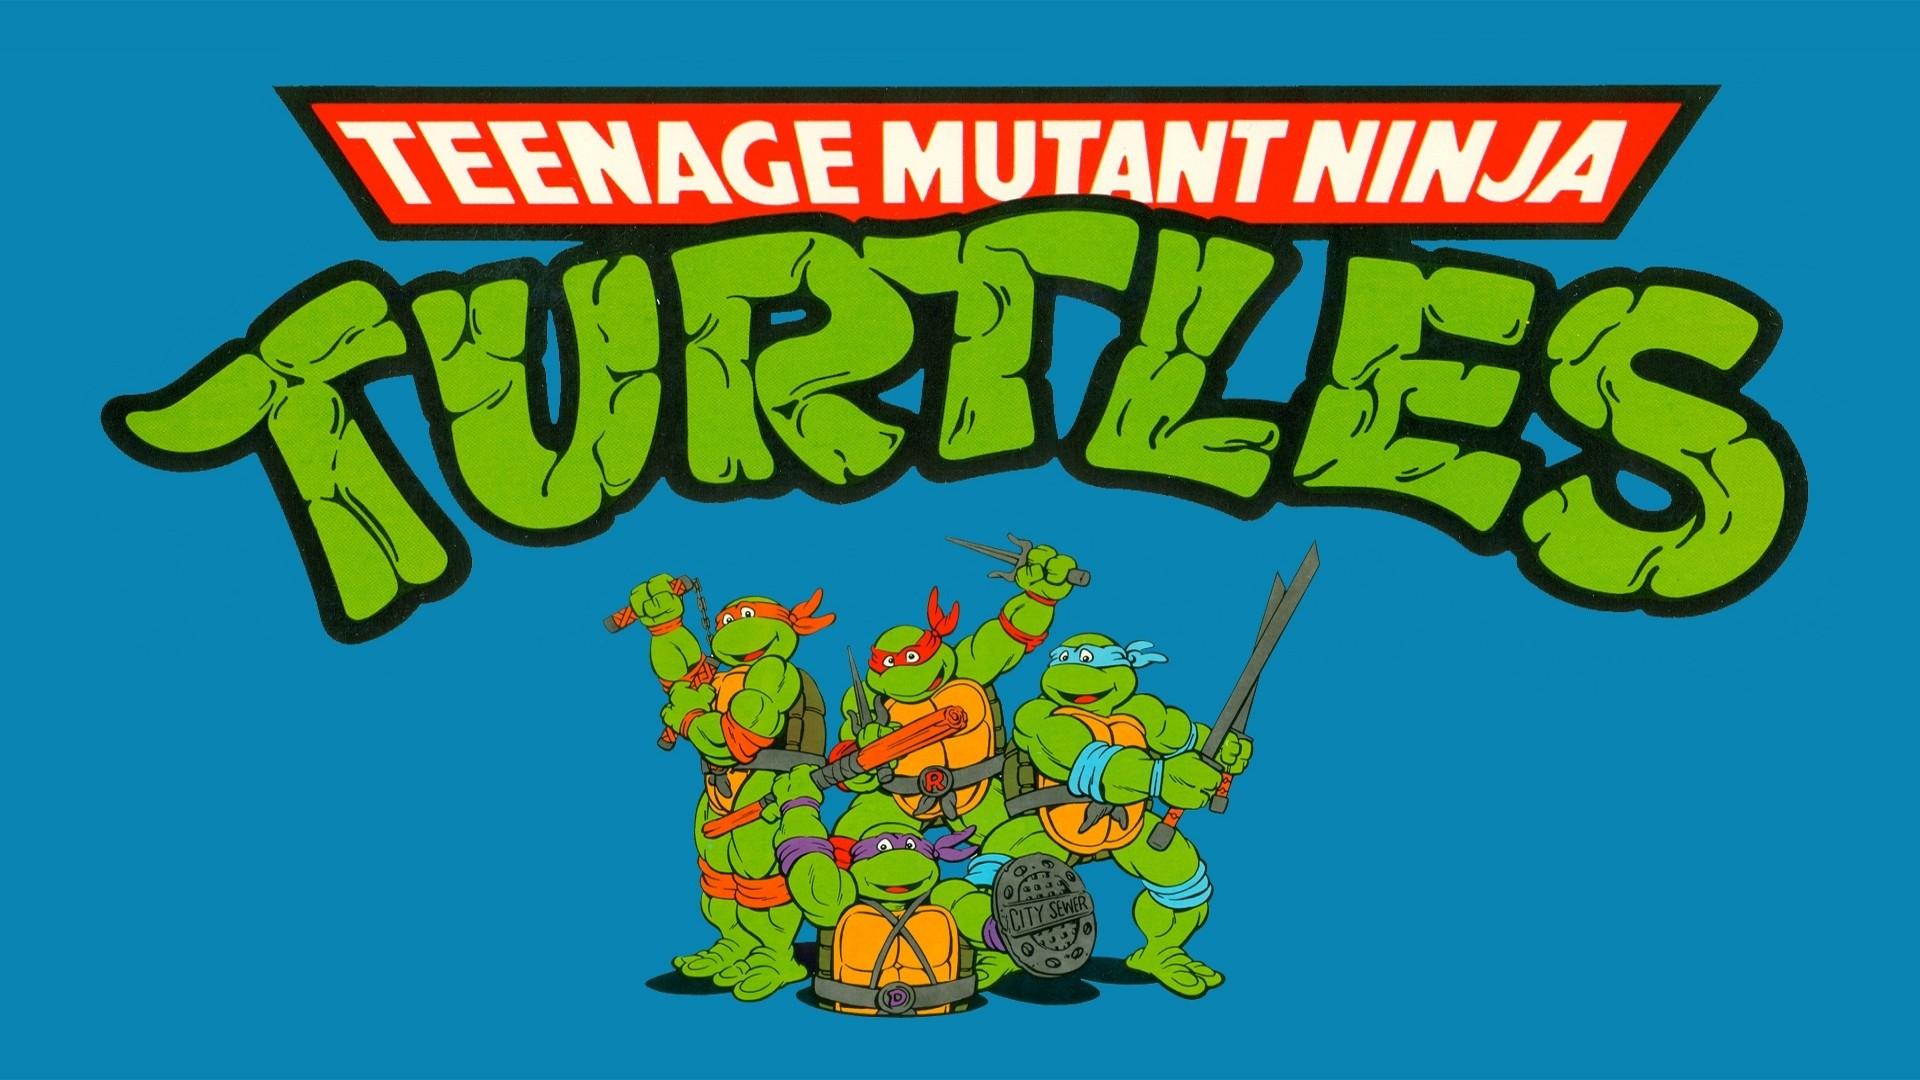 Wallpaper Ilustrasi Teks Gambar Kartun Teenage Mutant